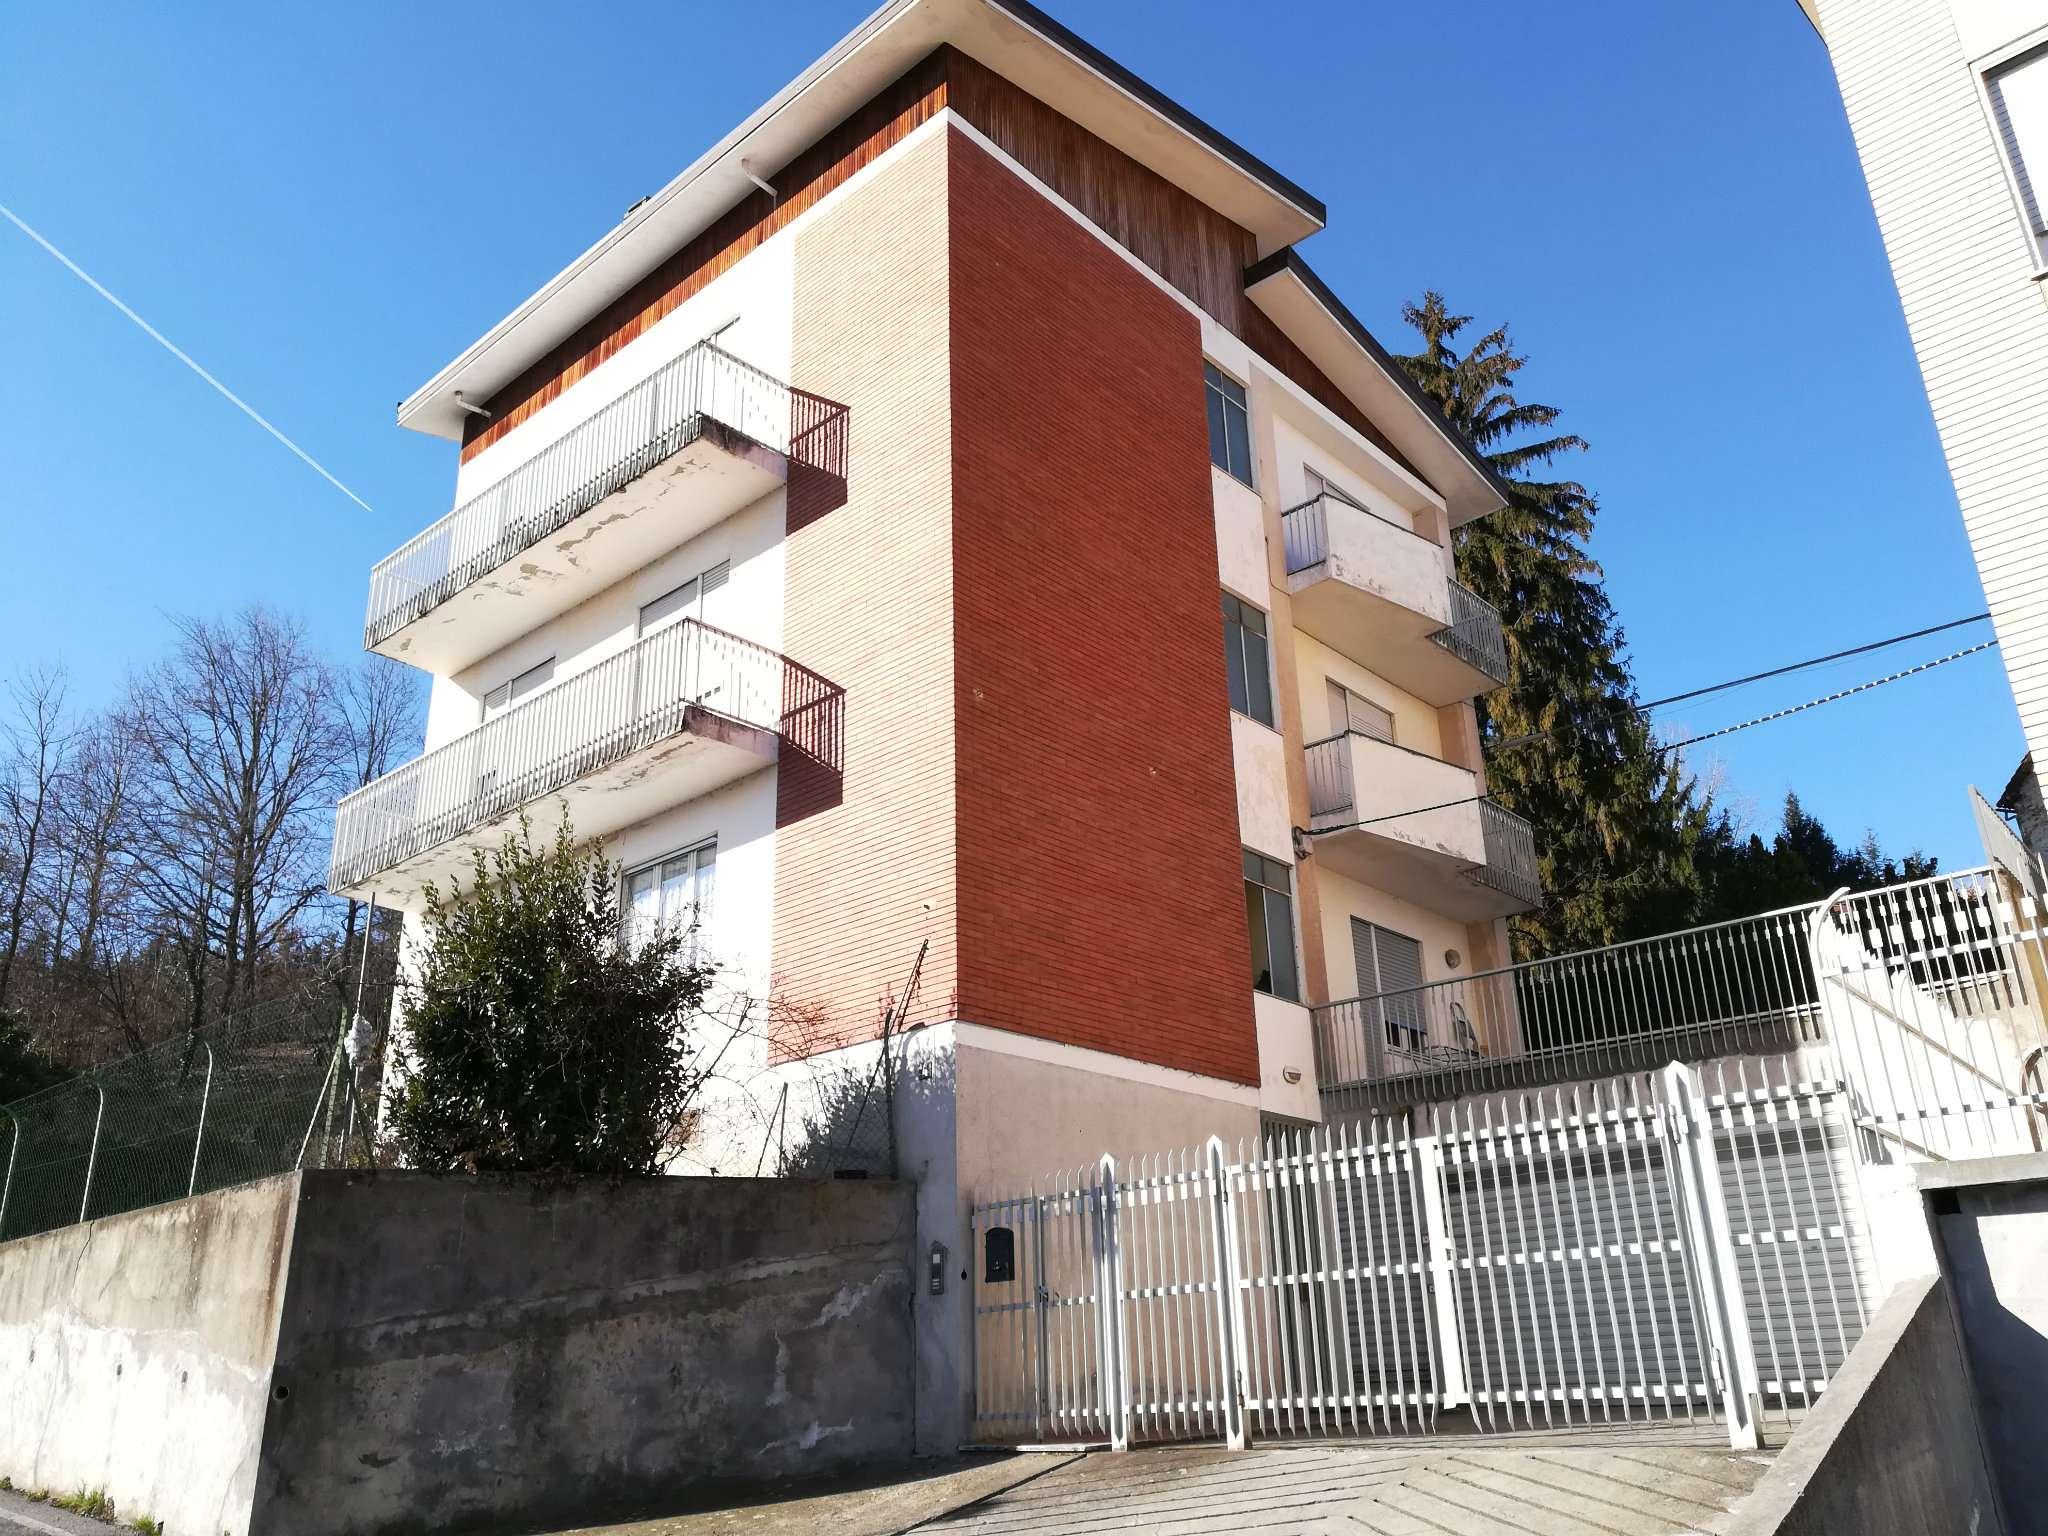 Soluzione Indipendente in vendita a Mondovì, 30 locali, Trattative riservate   Cambio Casa.it